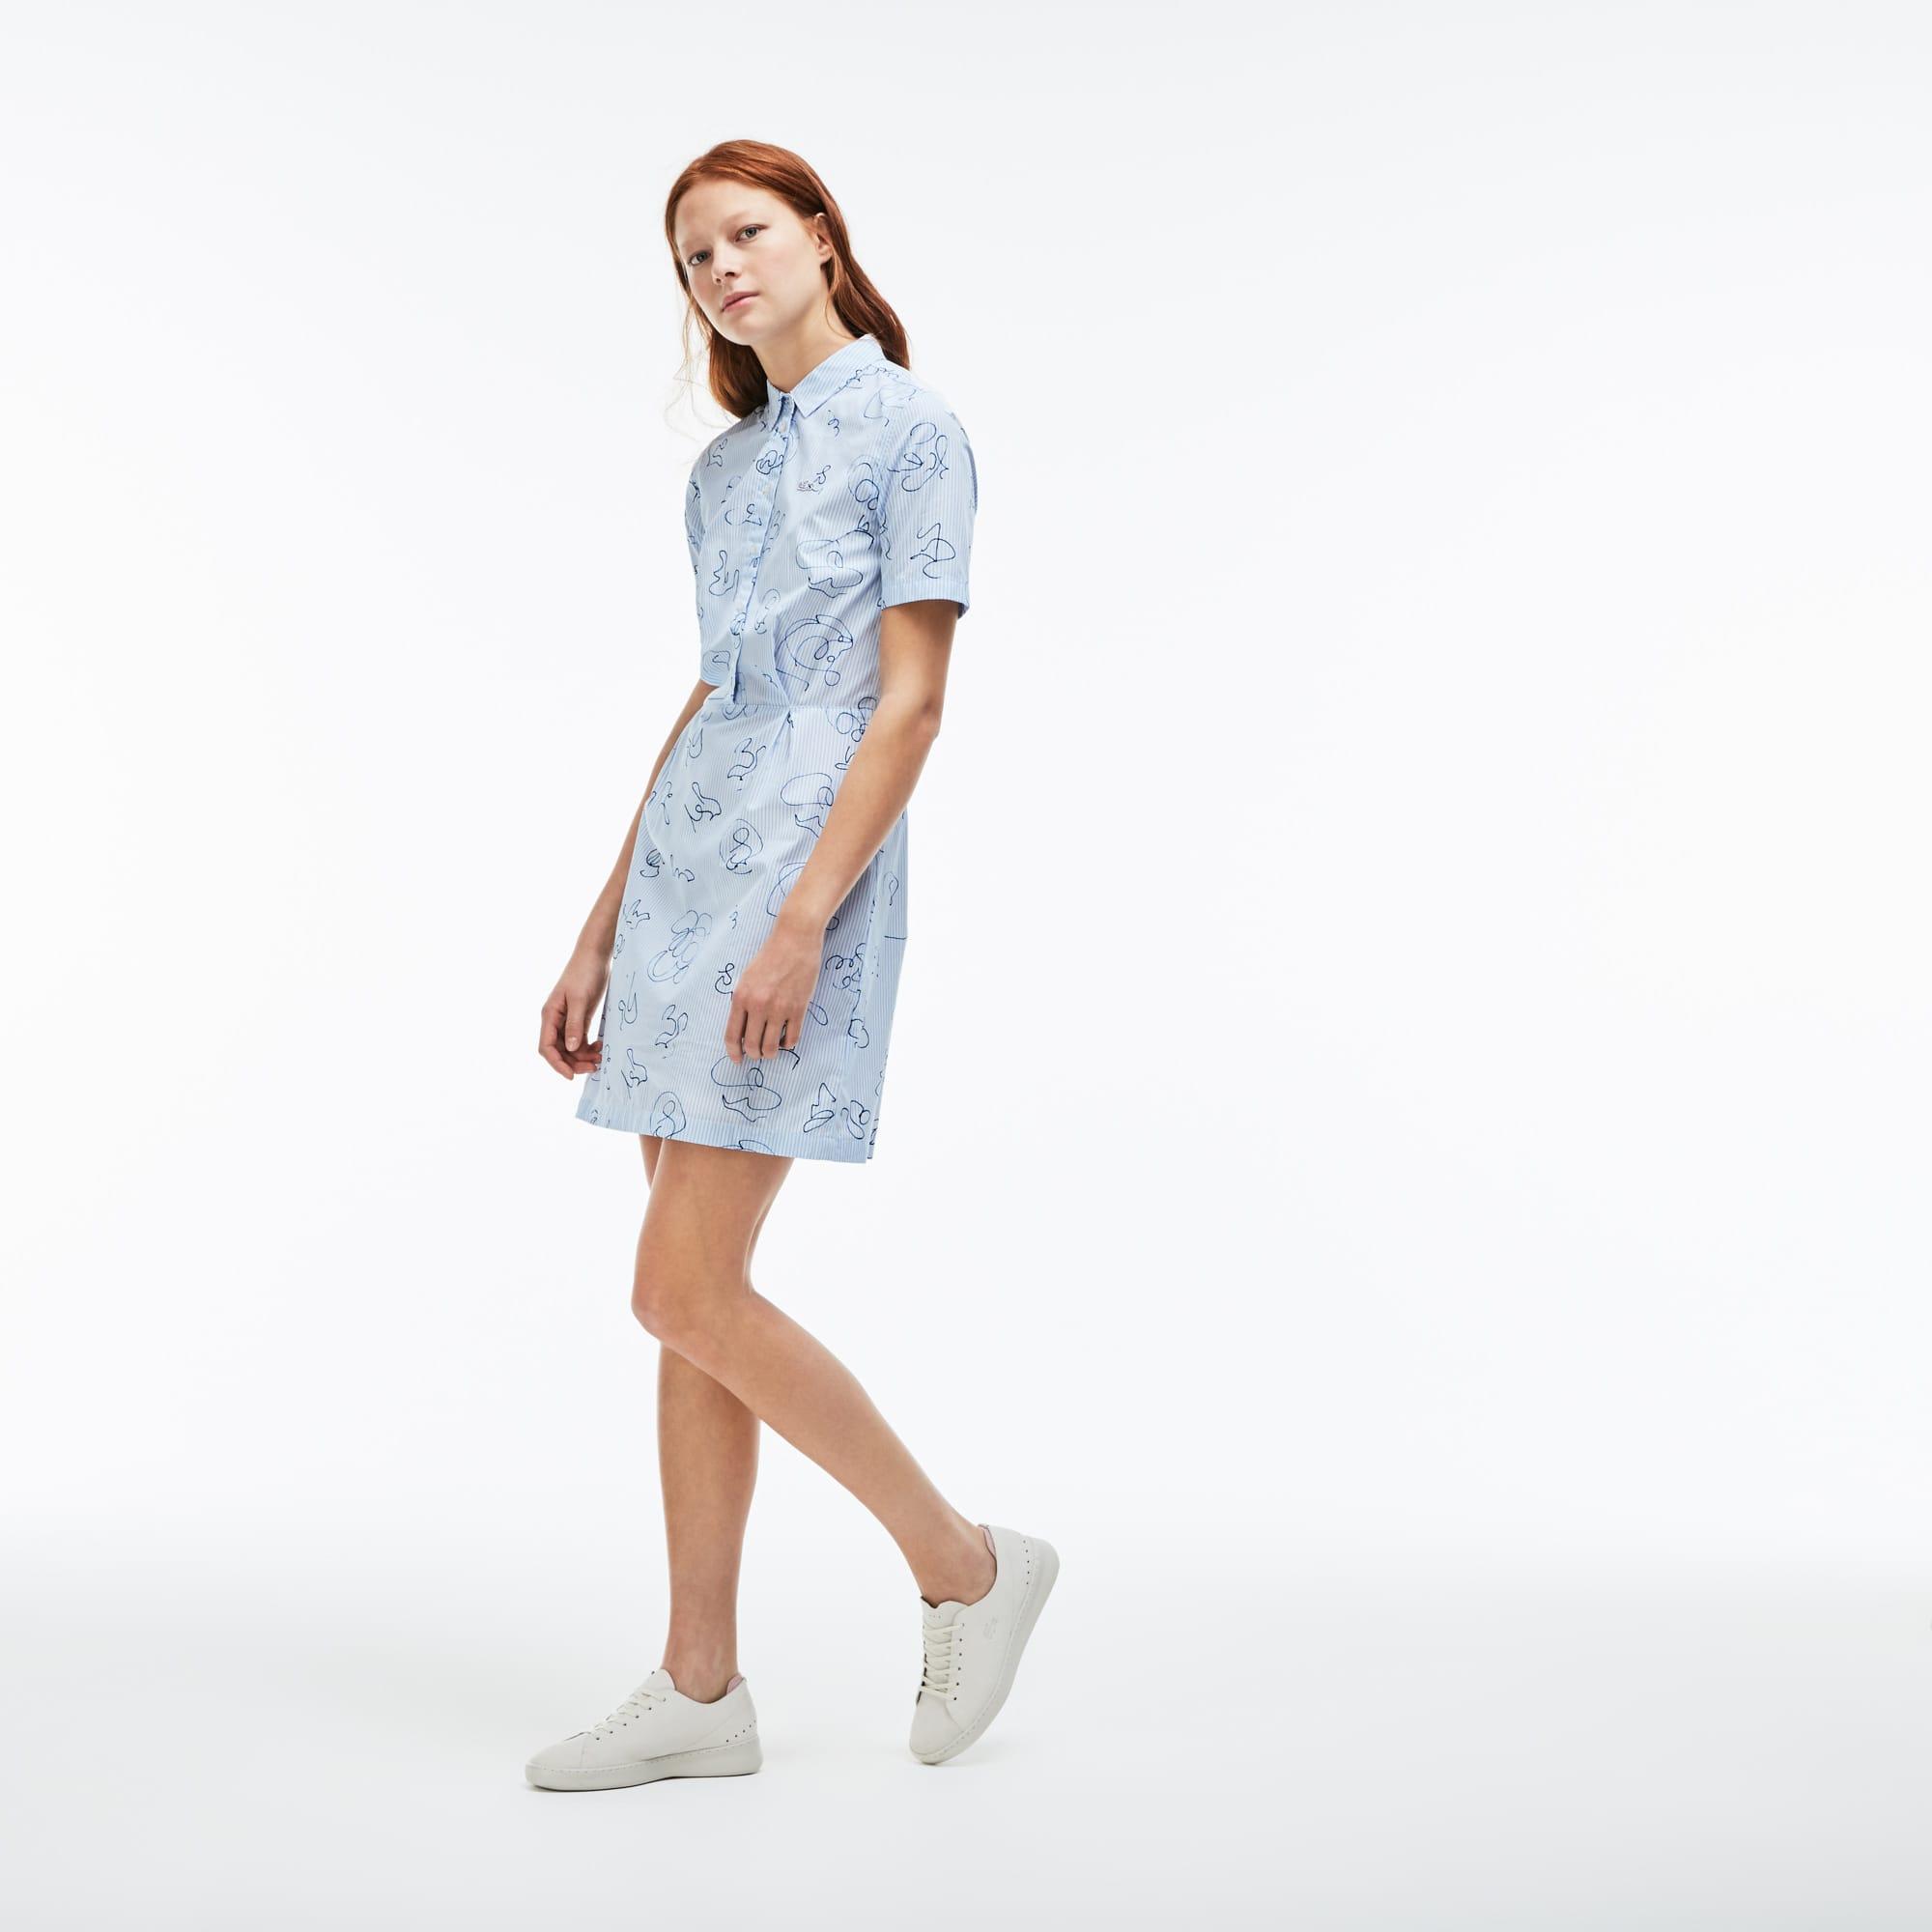 Vestido camisa Lacoste LIVE em popelina de algodão às riscas com impressão